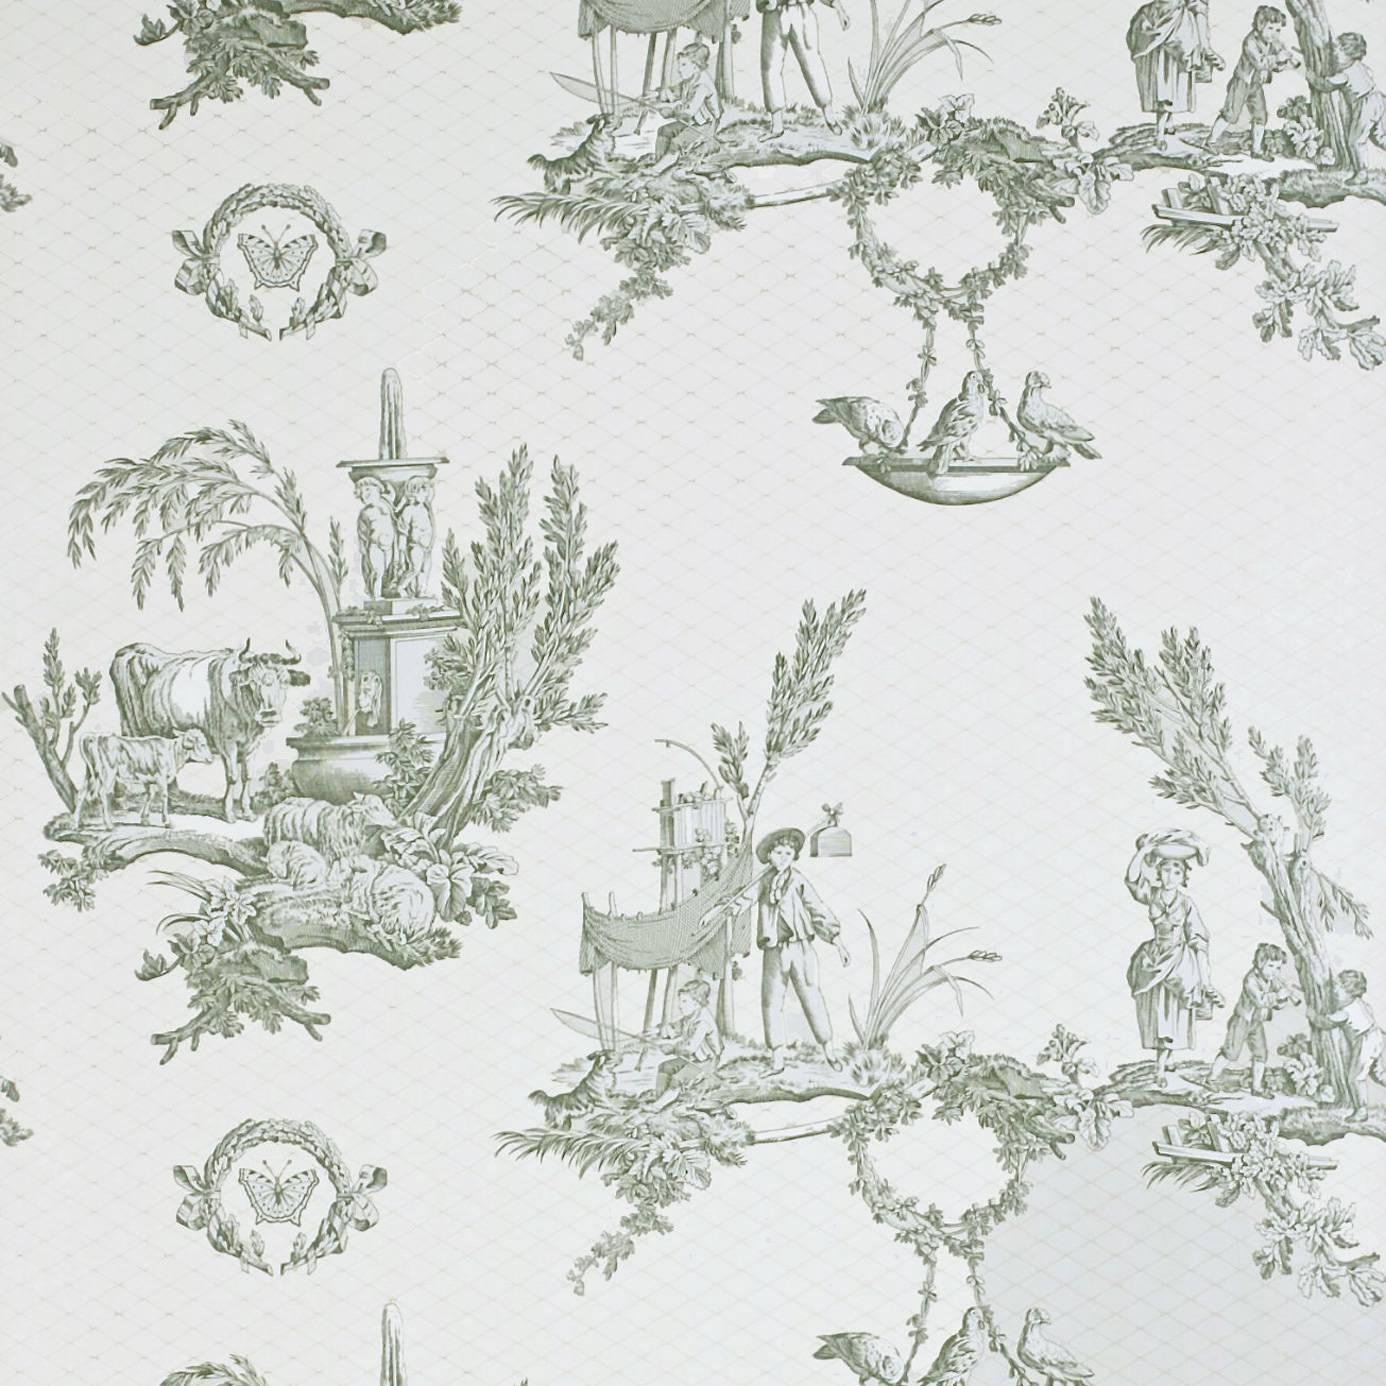 vatican doves wallpaper sandgreencream degtvd104